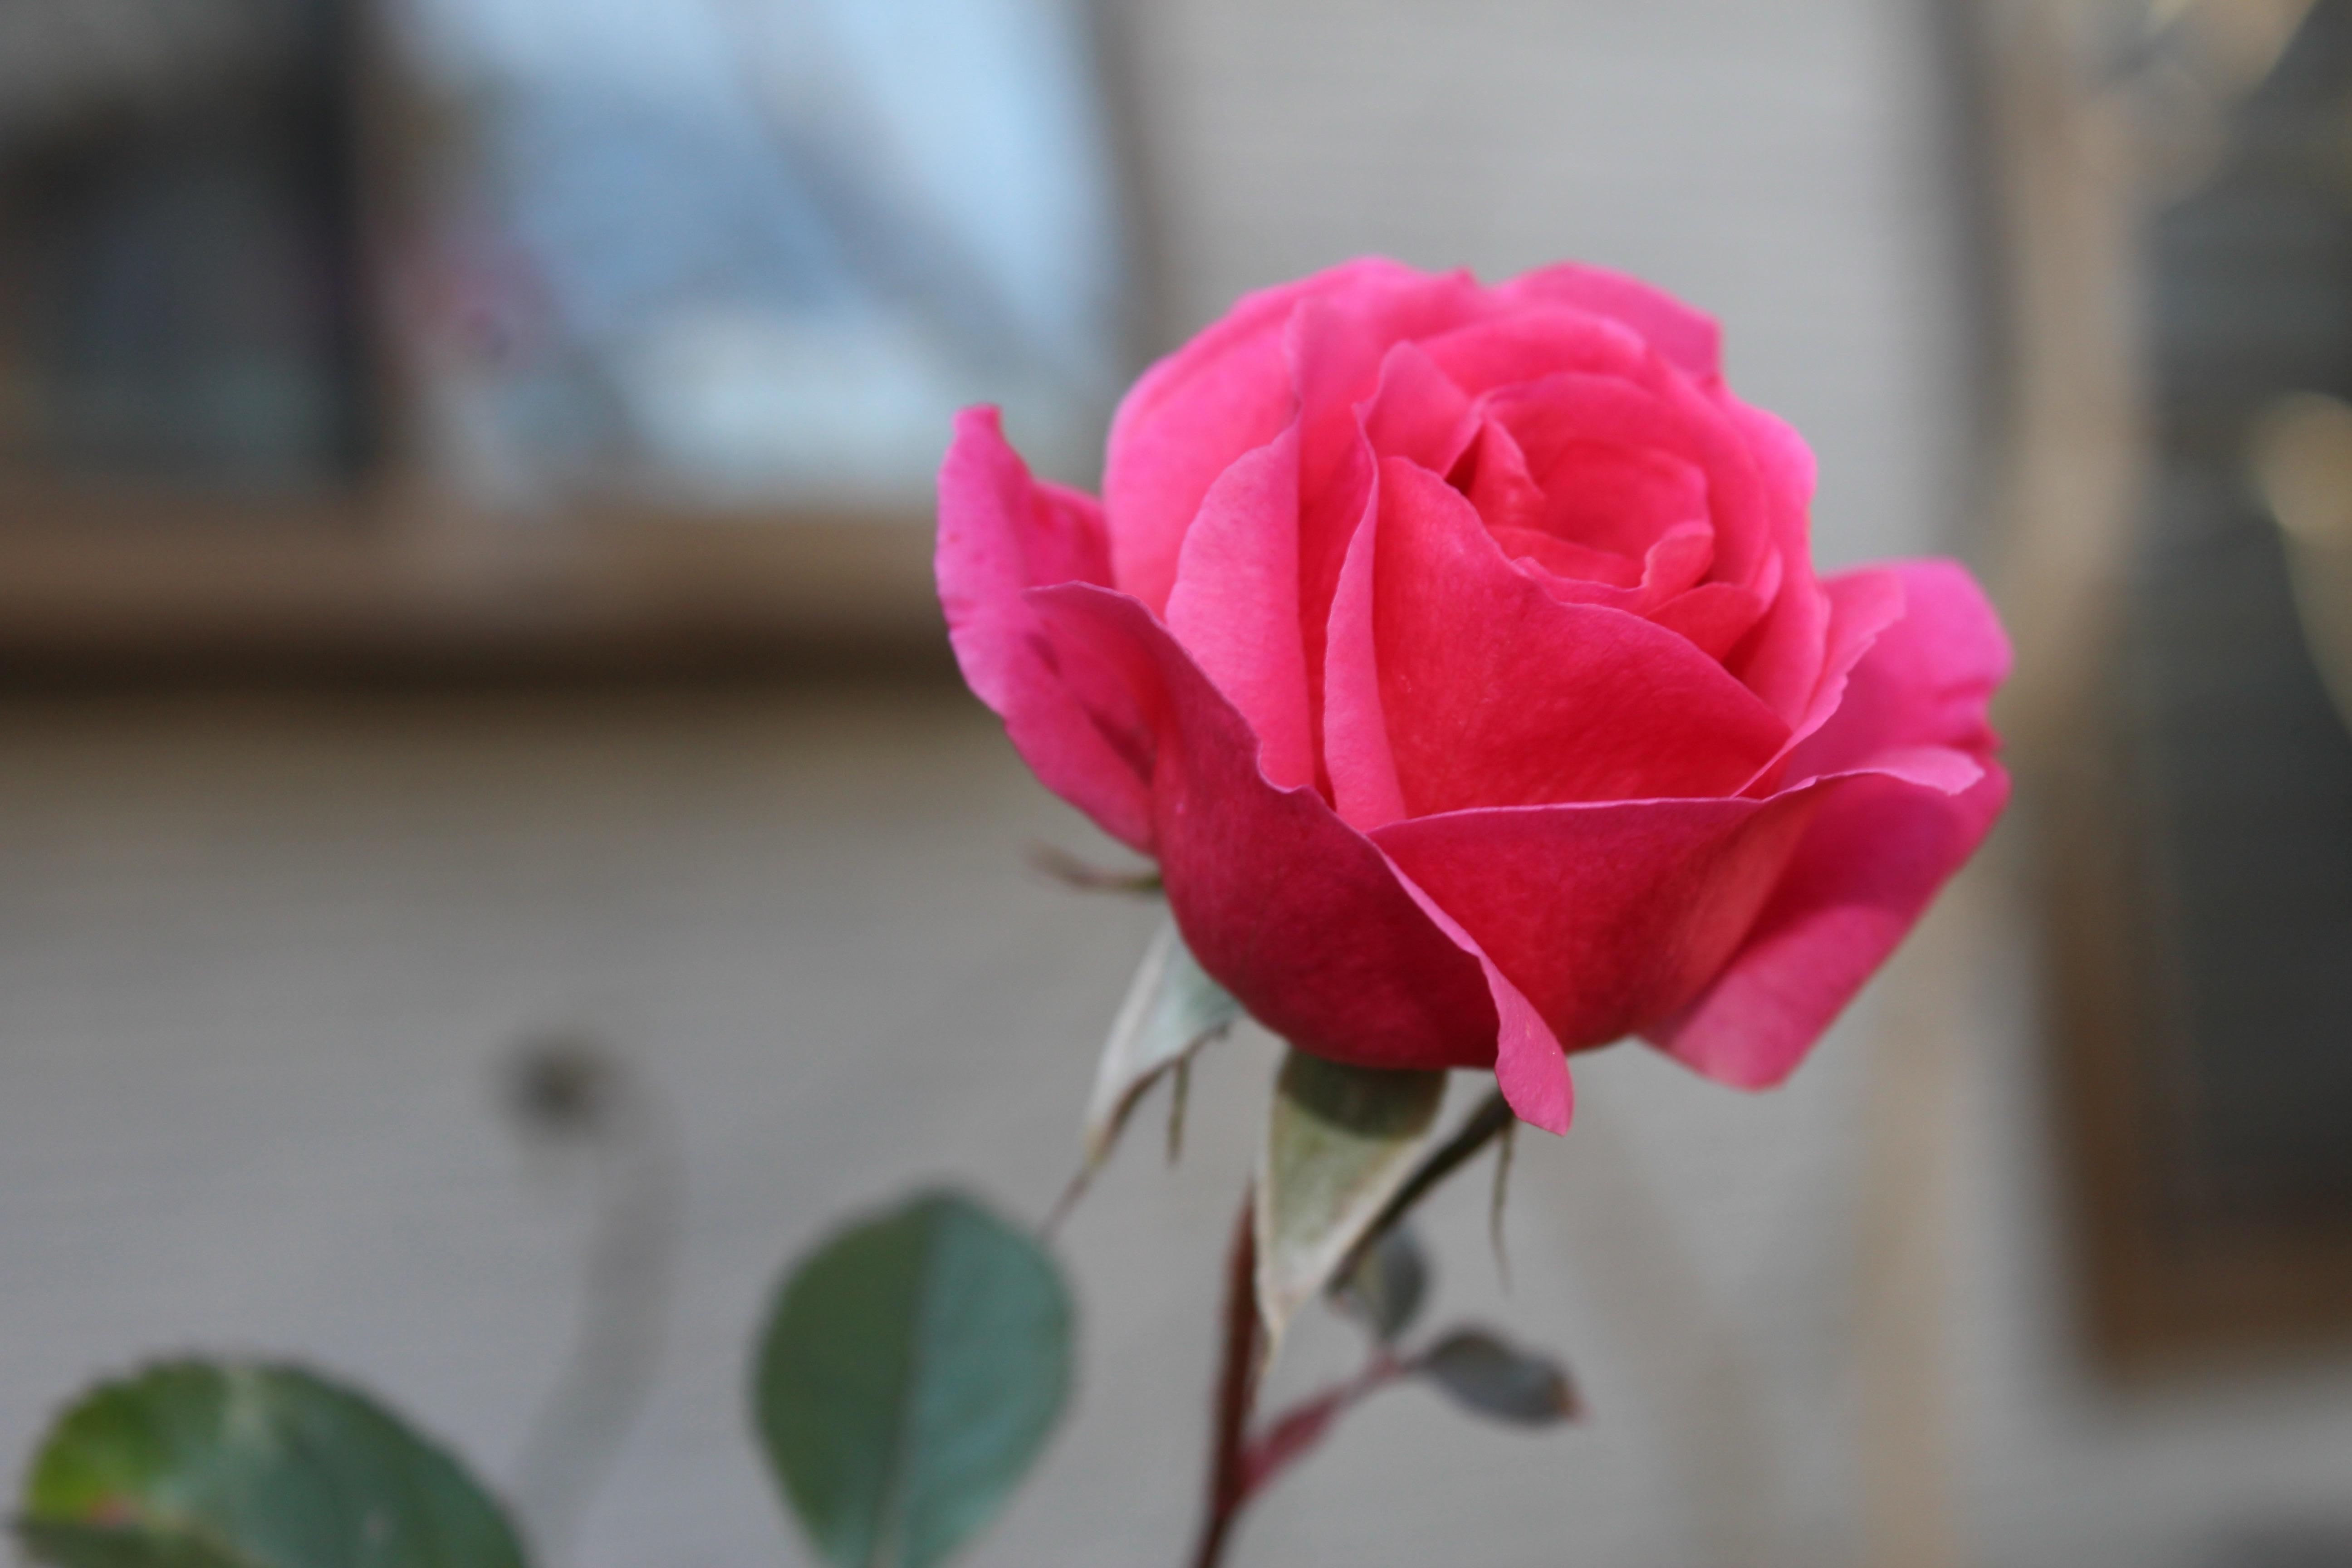 今日の誕生花の薔薇は、数十年ぶりの寒波も雪も経験してなお、美しく咲いているジェネラシオン・ジャルダンです。